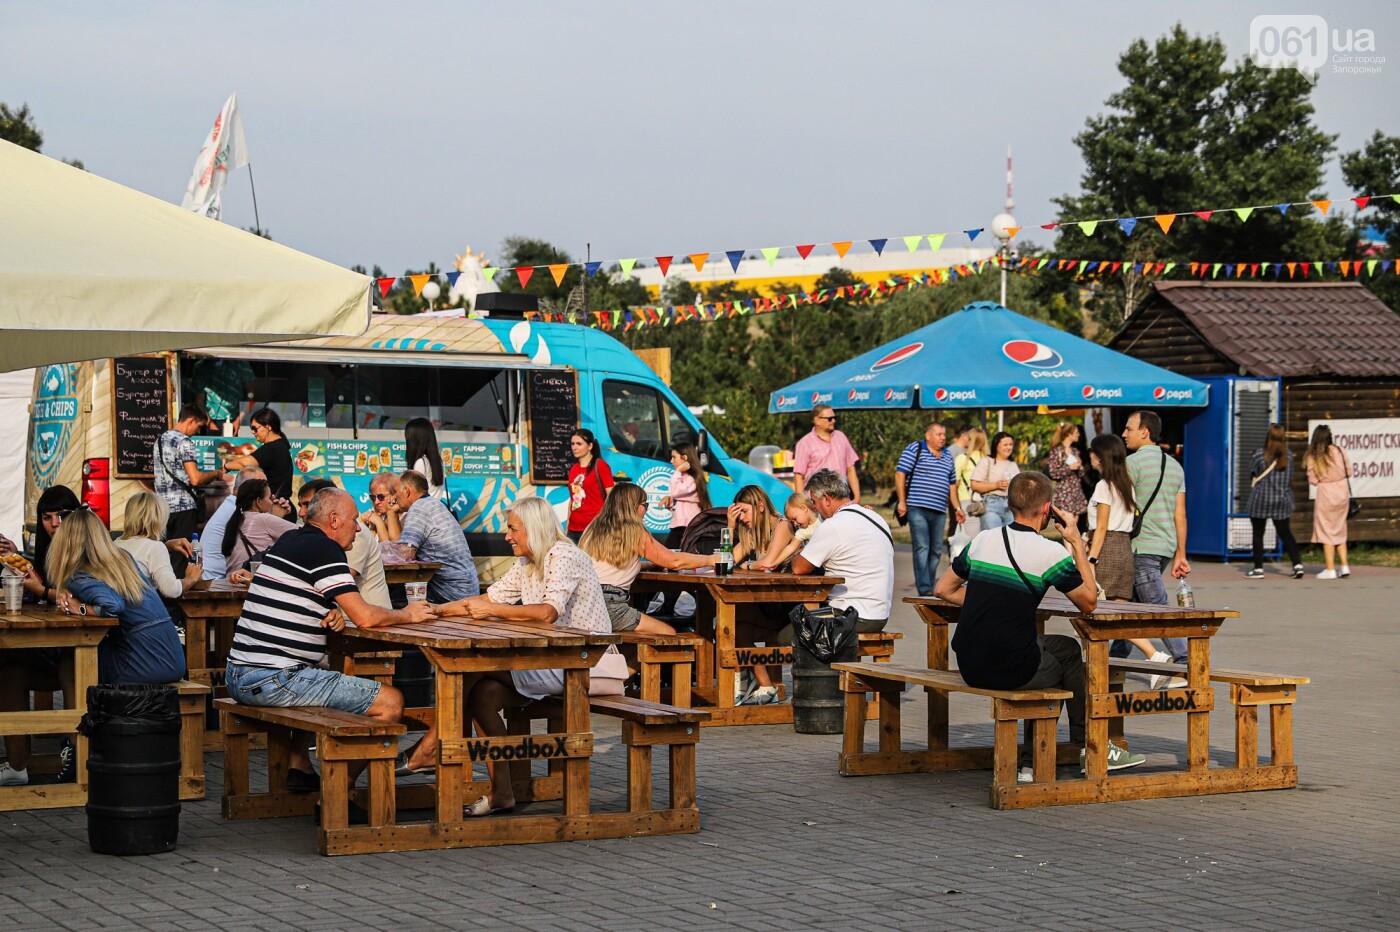 Бограч в хлебных горшочках и мясо из уникальной печи: что нового на фестивале уличной еды в Запорожье, - ФОТОРЕПОРТАЖ, фото-48